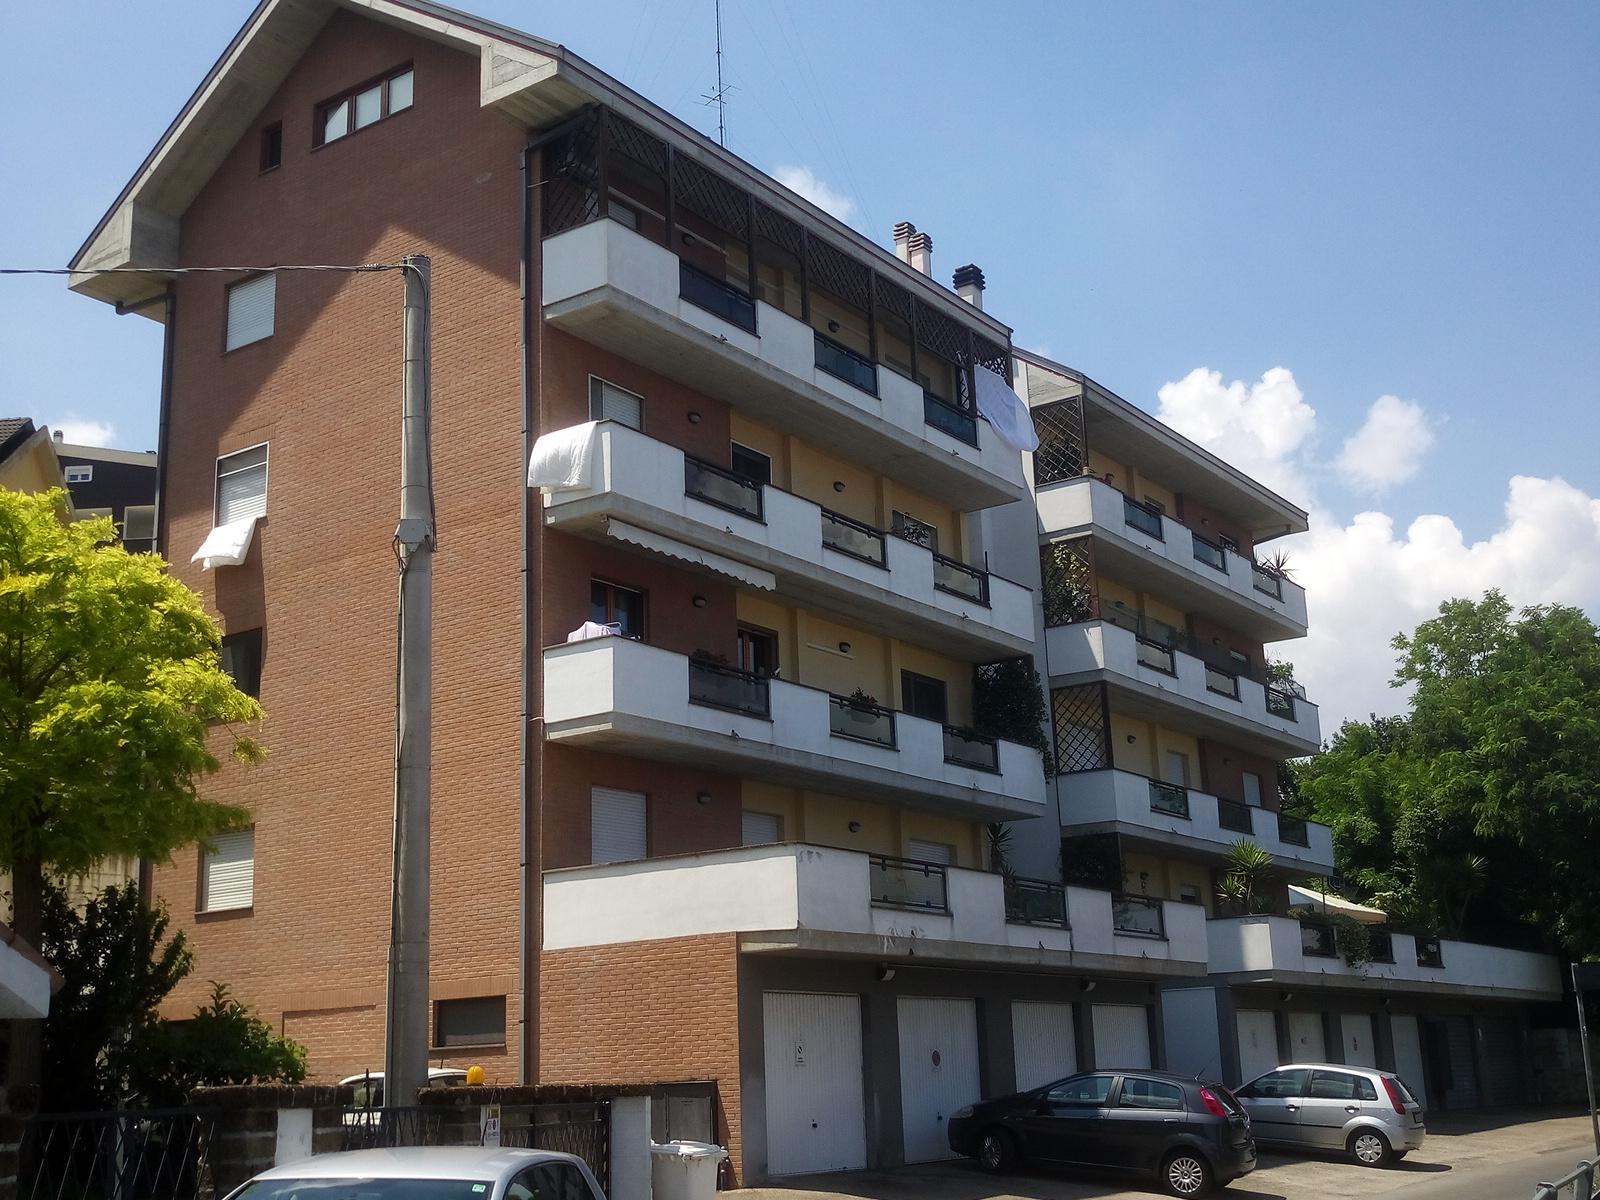 Appartamento in vendita a Chieti, 7 locali, zona Località: Tricalle, prezzo € 155.000 | Cambio Casa.it